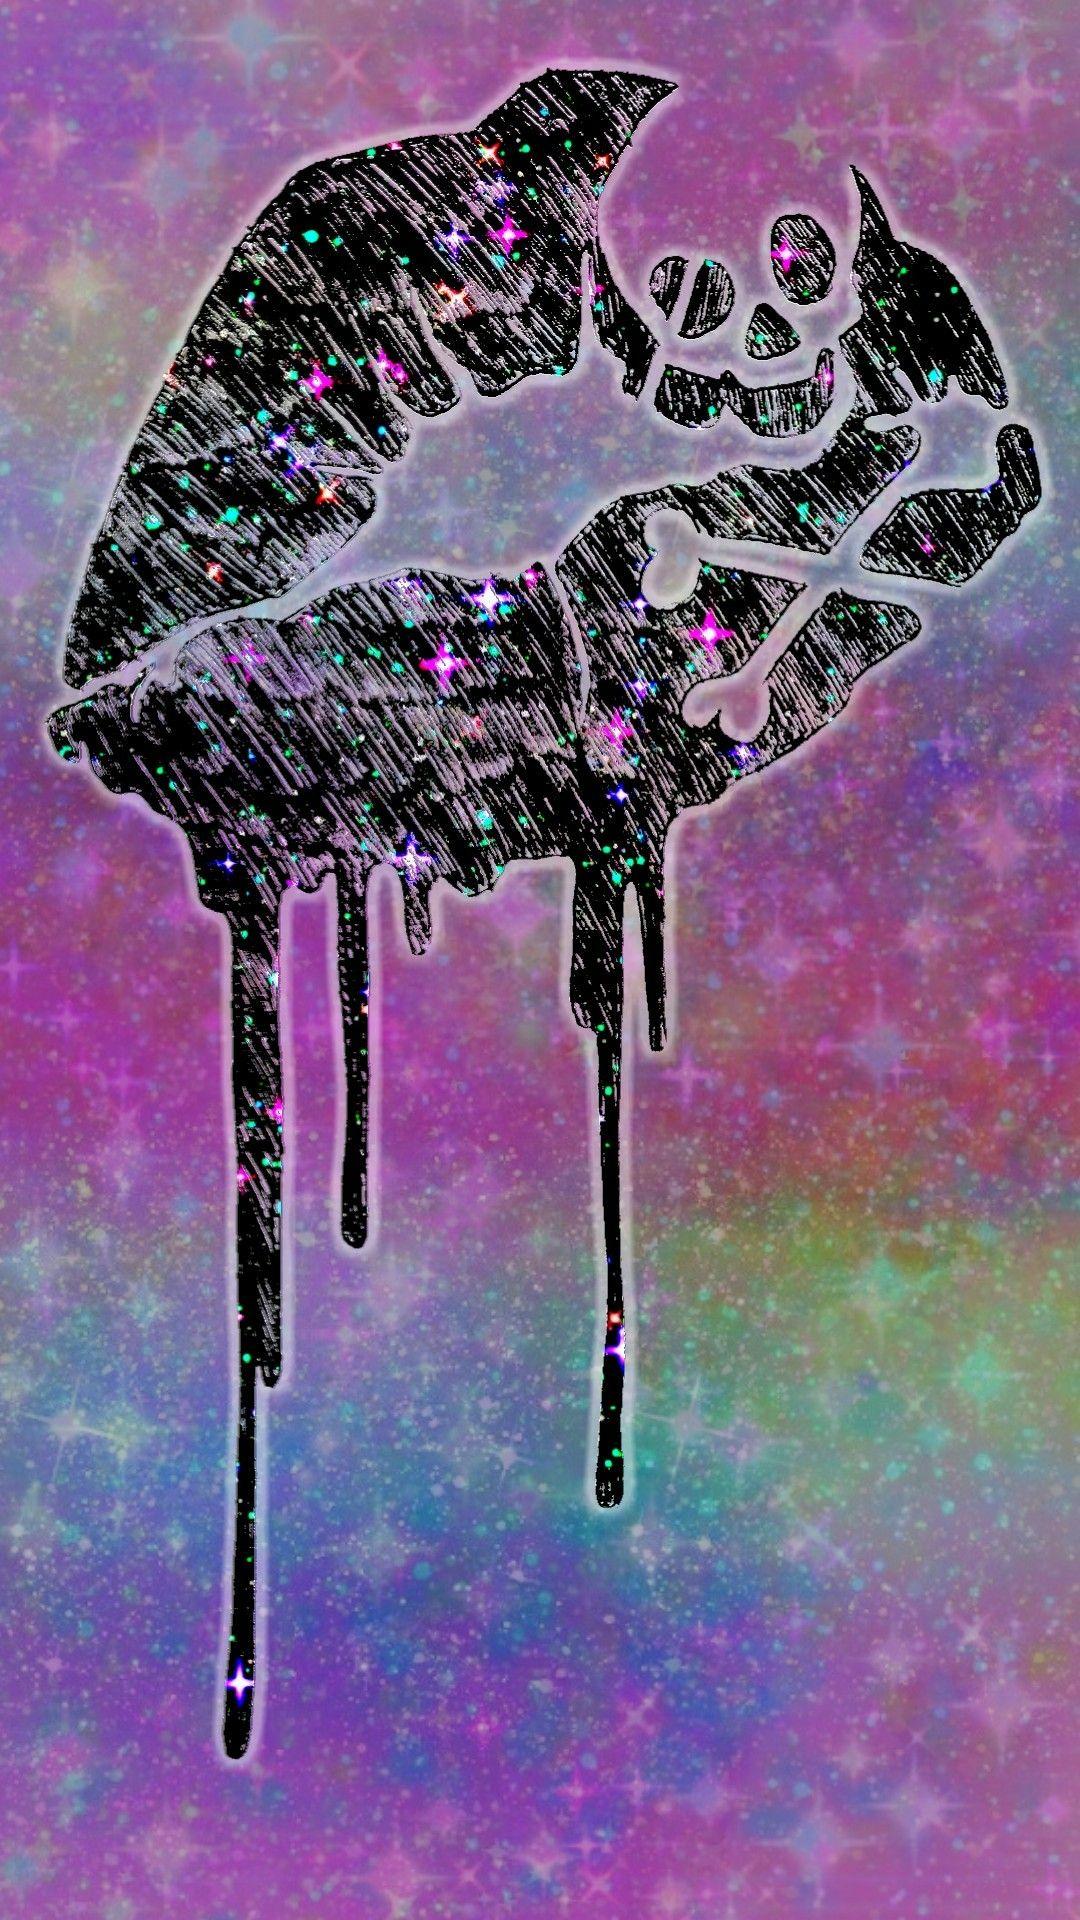 Galaxy Skull Kiss Made By Me Kiss Lips Skull Hipster Skull Artwork Skull Art Skull Wallpaper